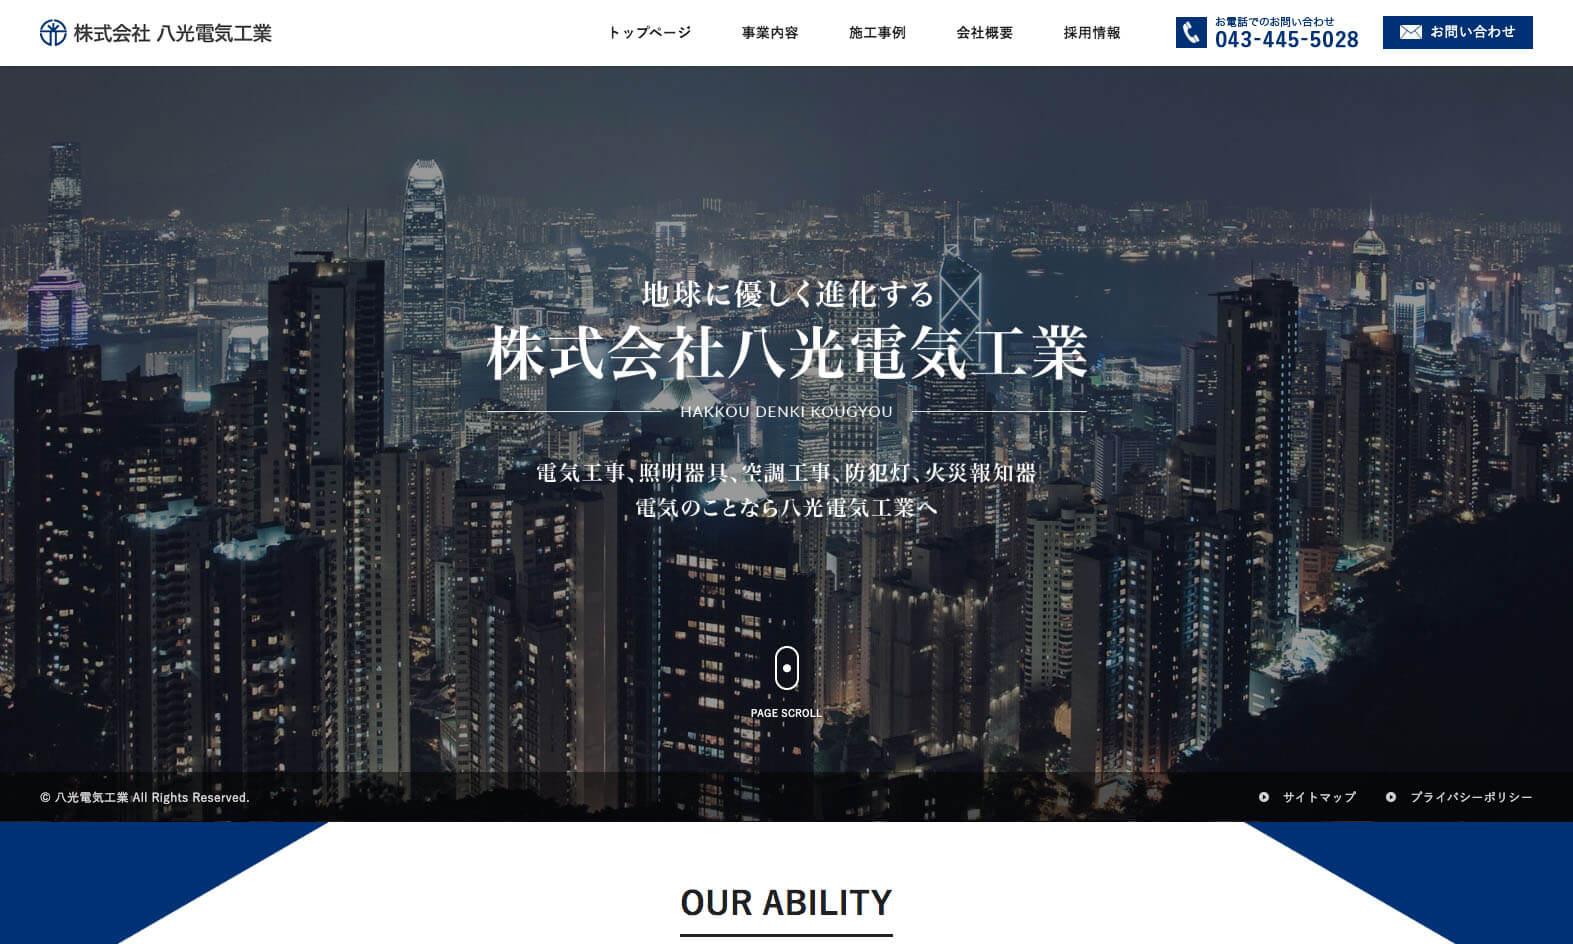 株式会社 八光電気工業